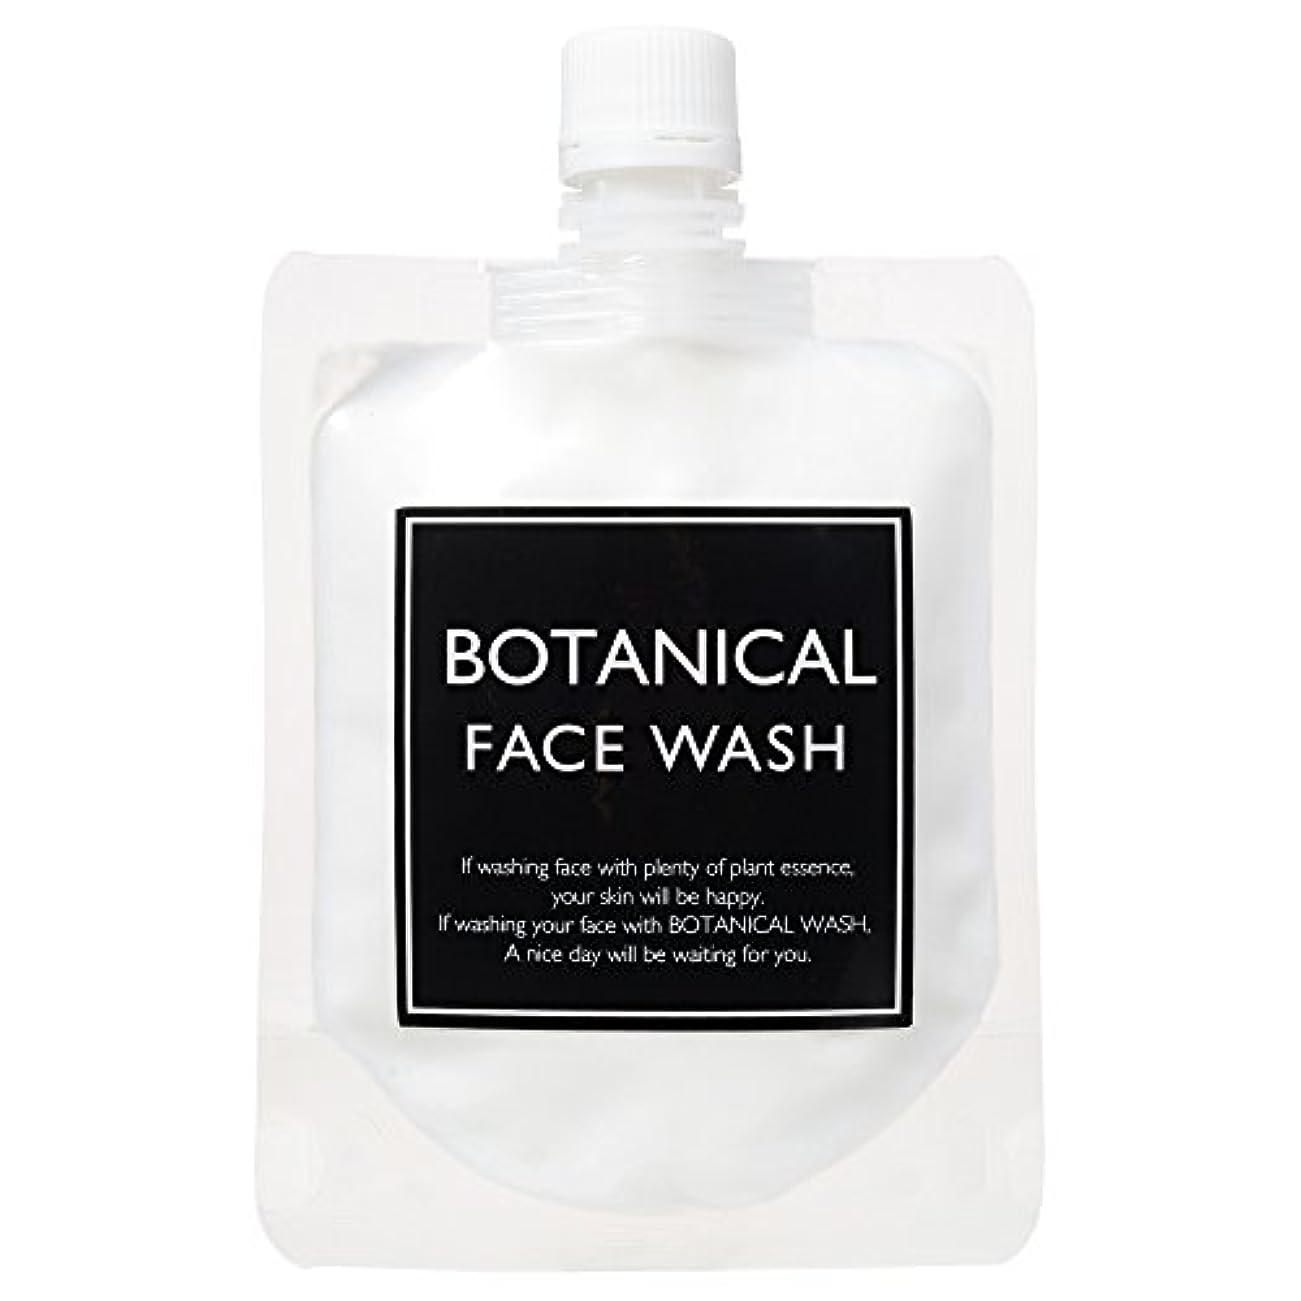 最大化するミント何十人も【BOTANICAL FACE WASH】 ボタニカル フェイスウォッシュ 150g 泡洗顔